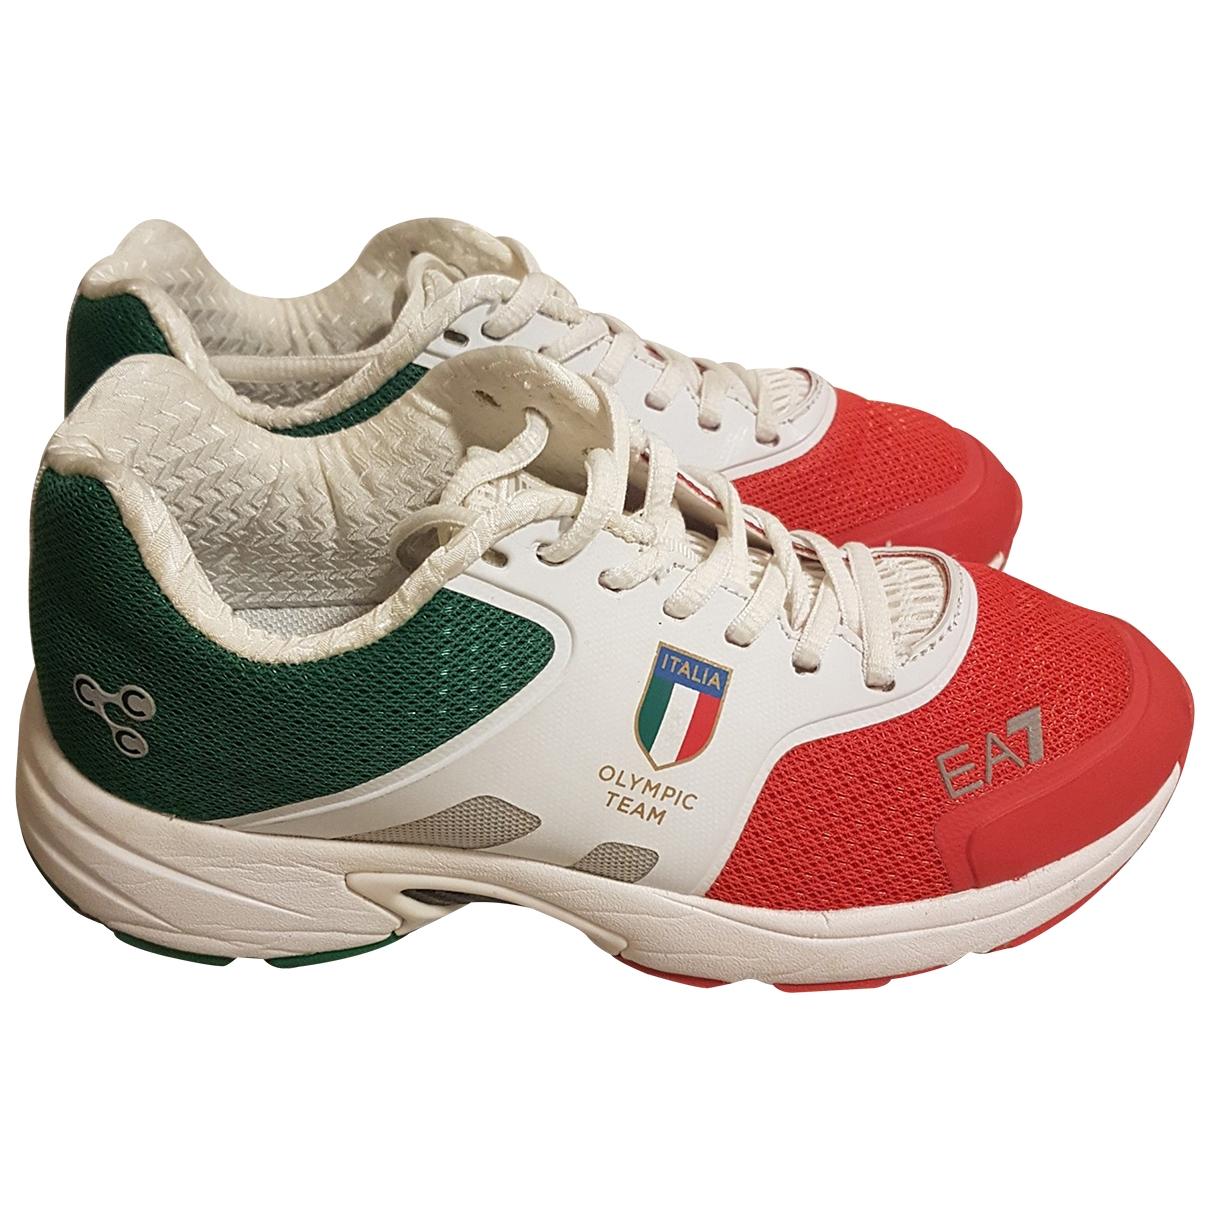 Emporio Armani - Baskets   pour femme en toile - multicolore